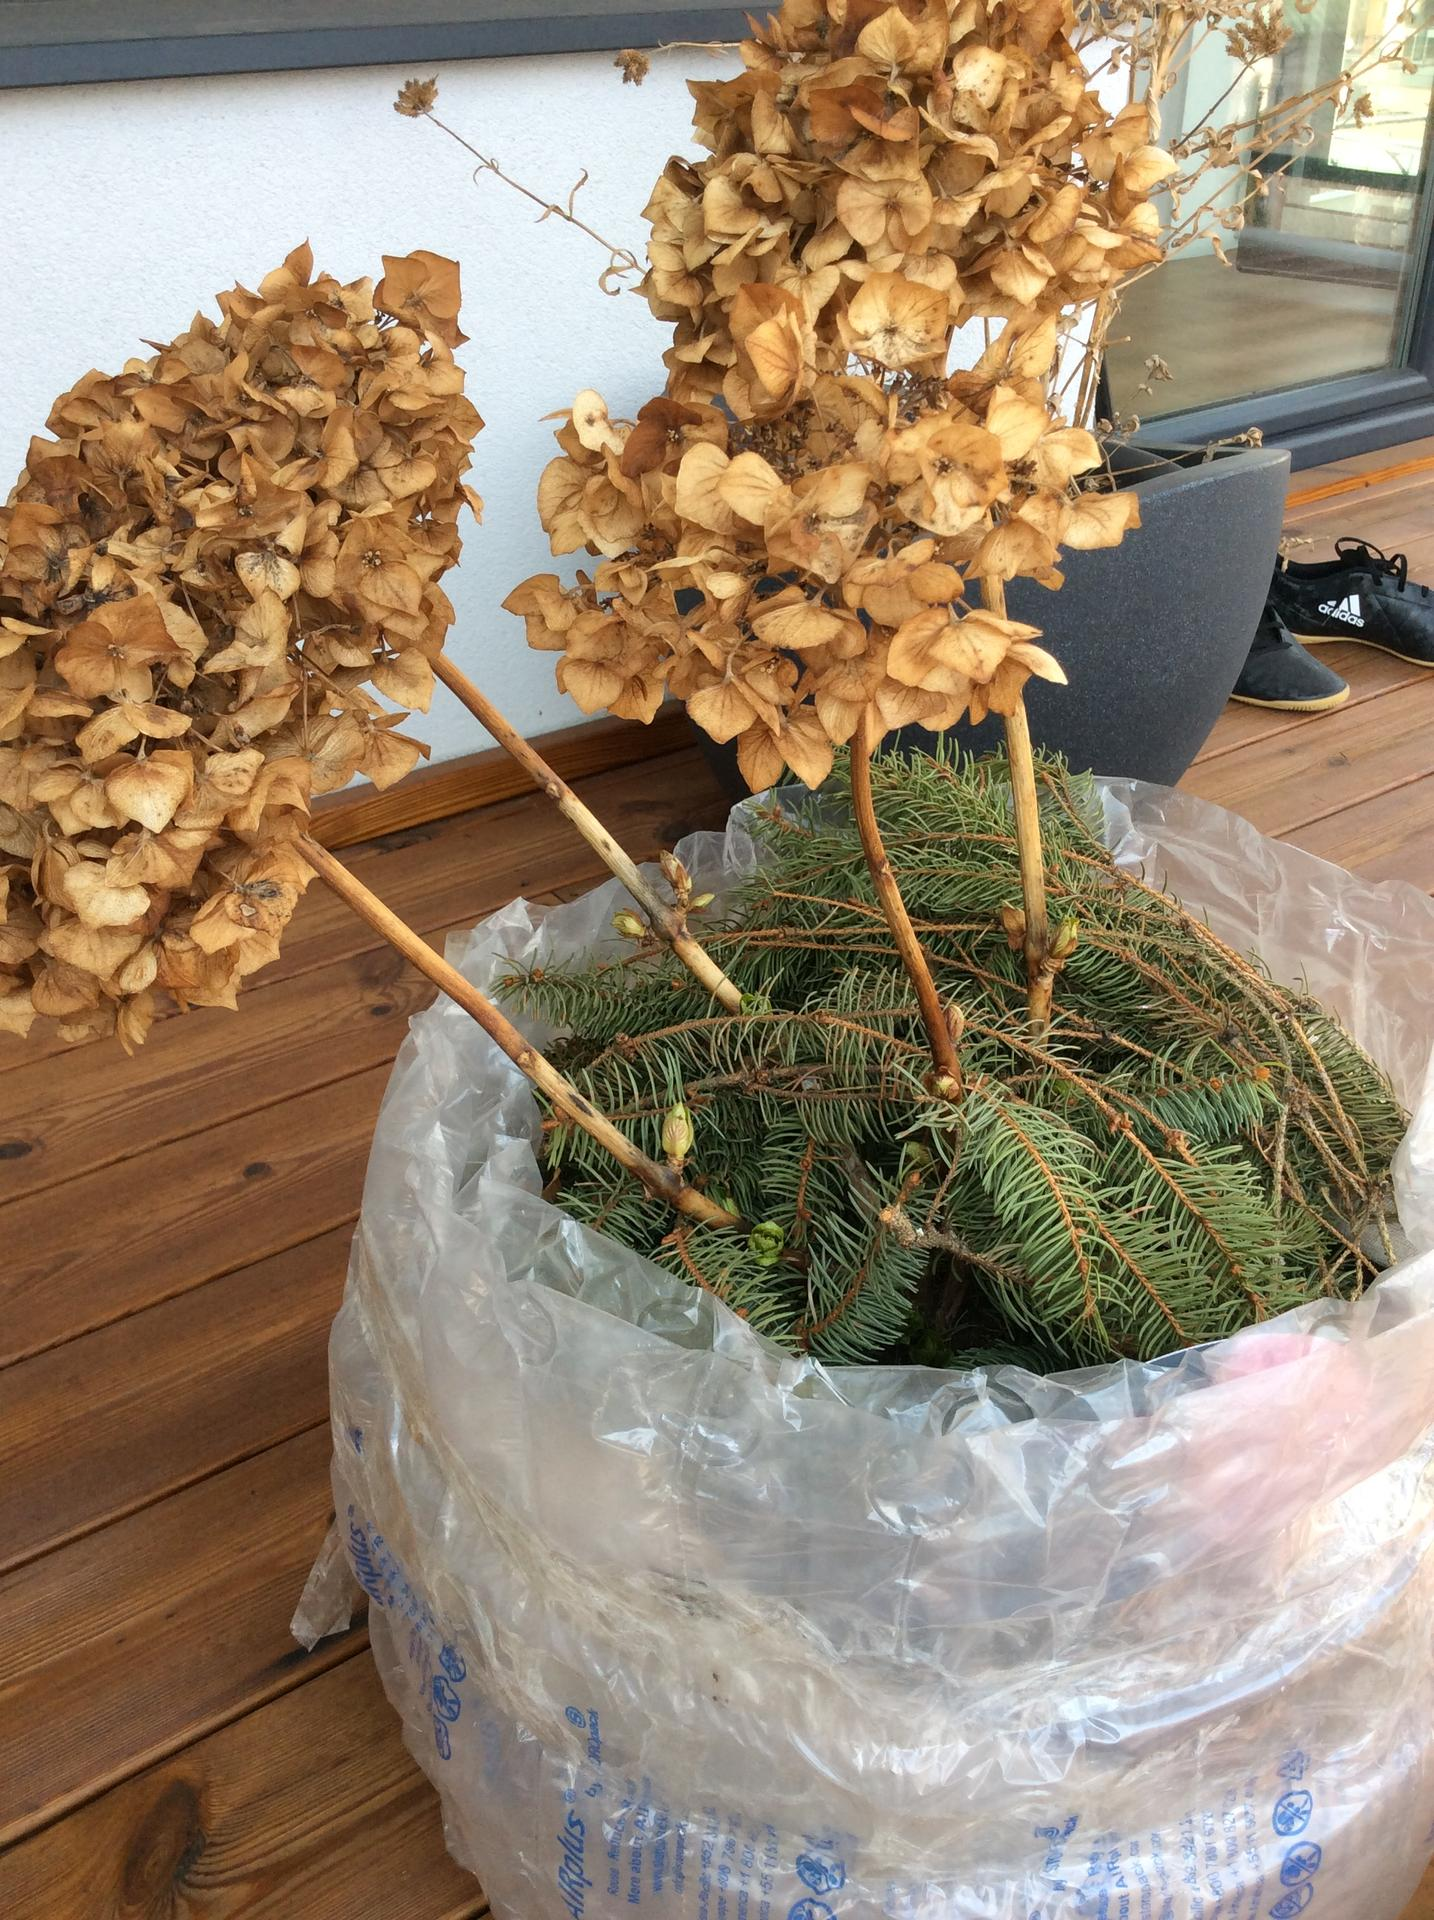 Dobrý deň, prosím poraďte čo s hortenziou, začína pukať, tie kvety som na jeseň neostrihala.... ďakujem - Obrázok č. 1